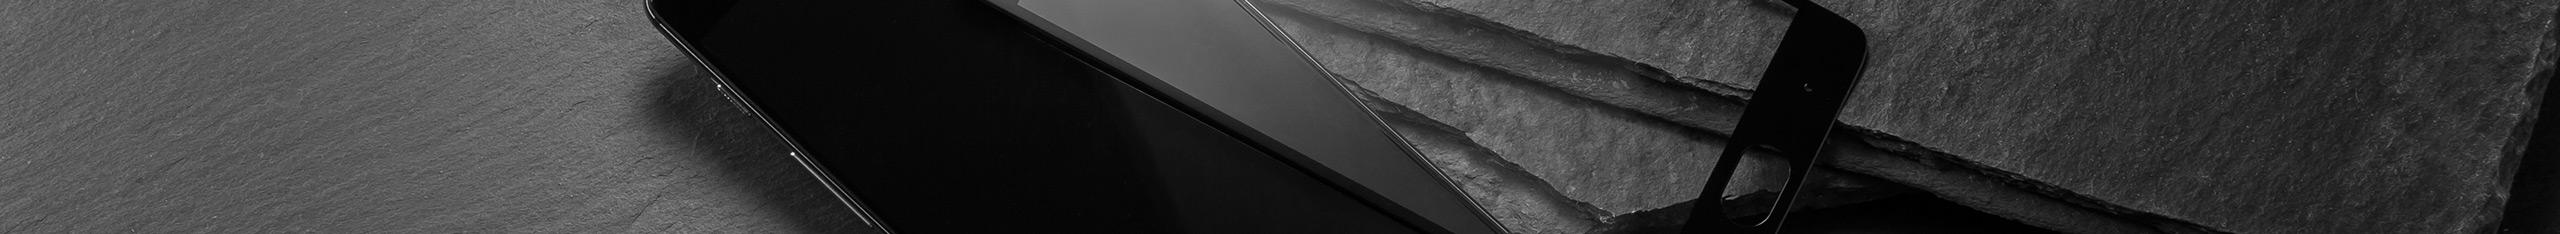 一加手机3钢化3D玻璃保护膜(黑色) 17